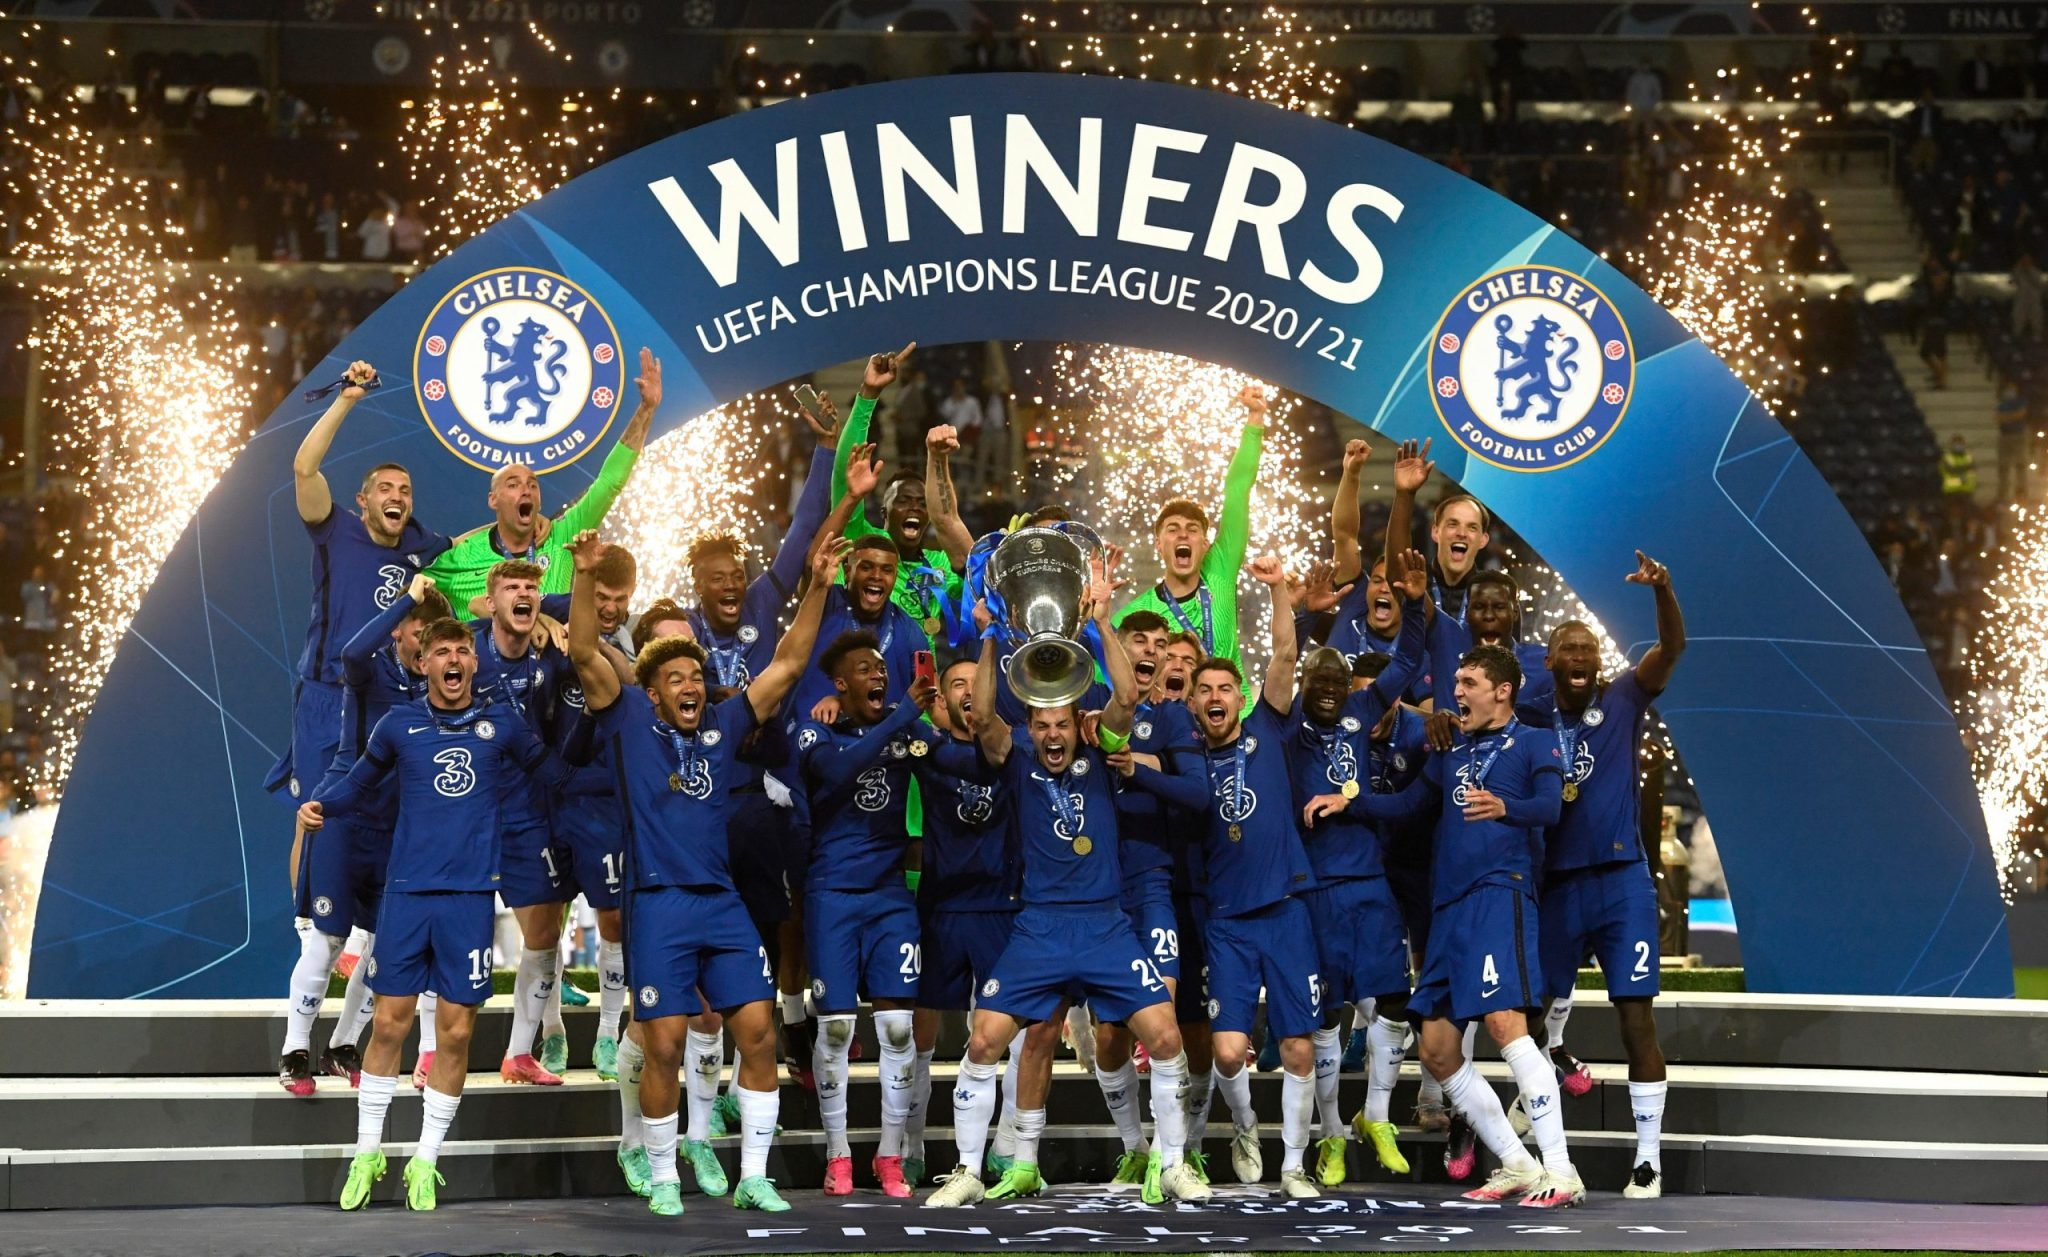 El Chelsea FC, campeón de la Champions League, en cifras | Forbes España